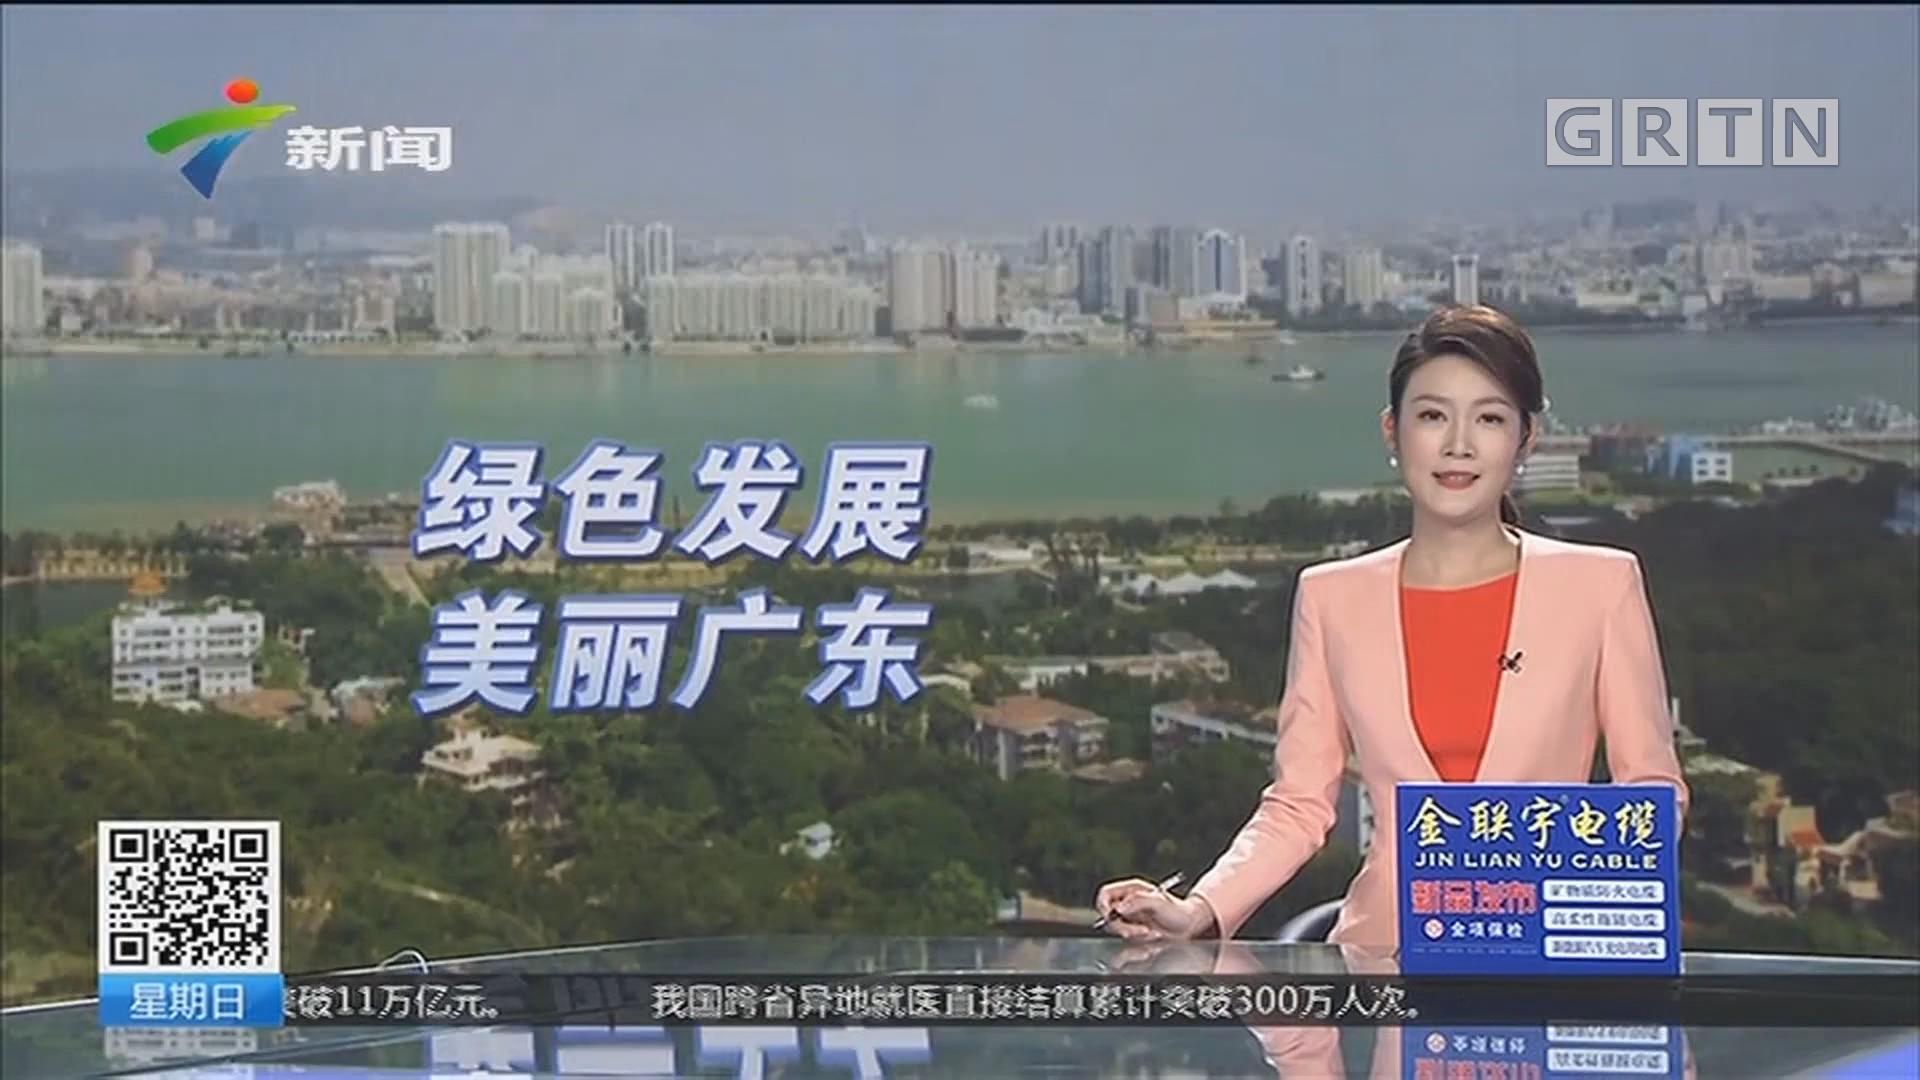 绿色发展 美丽广东